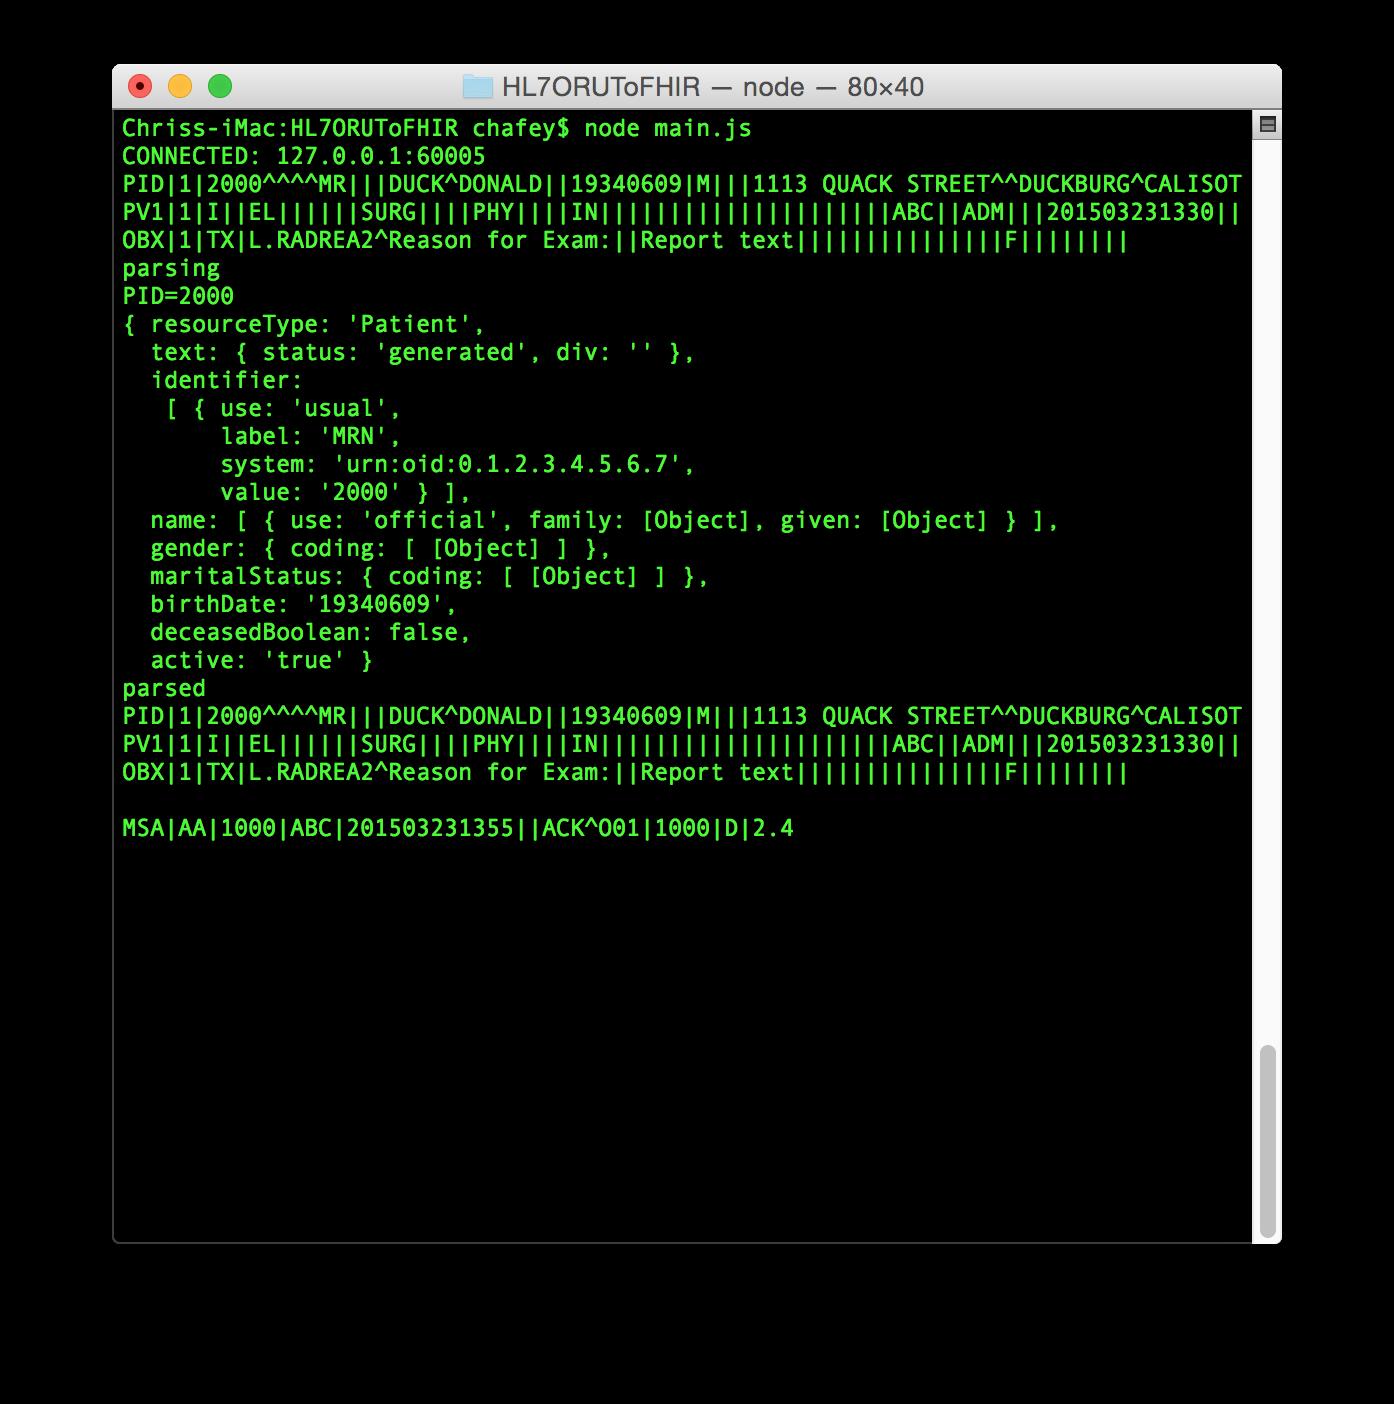 Hl7 Message In Json Format